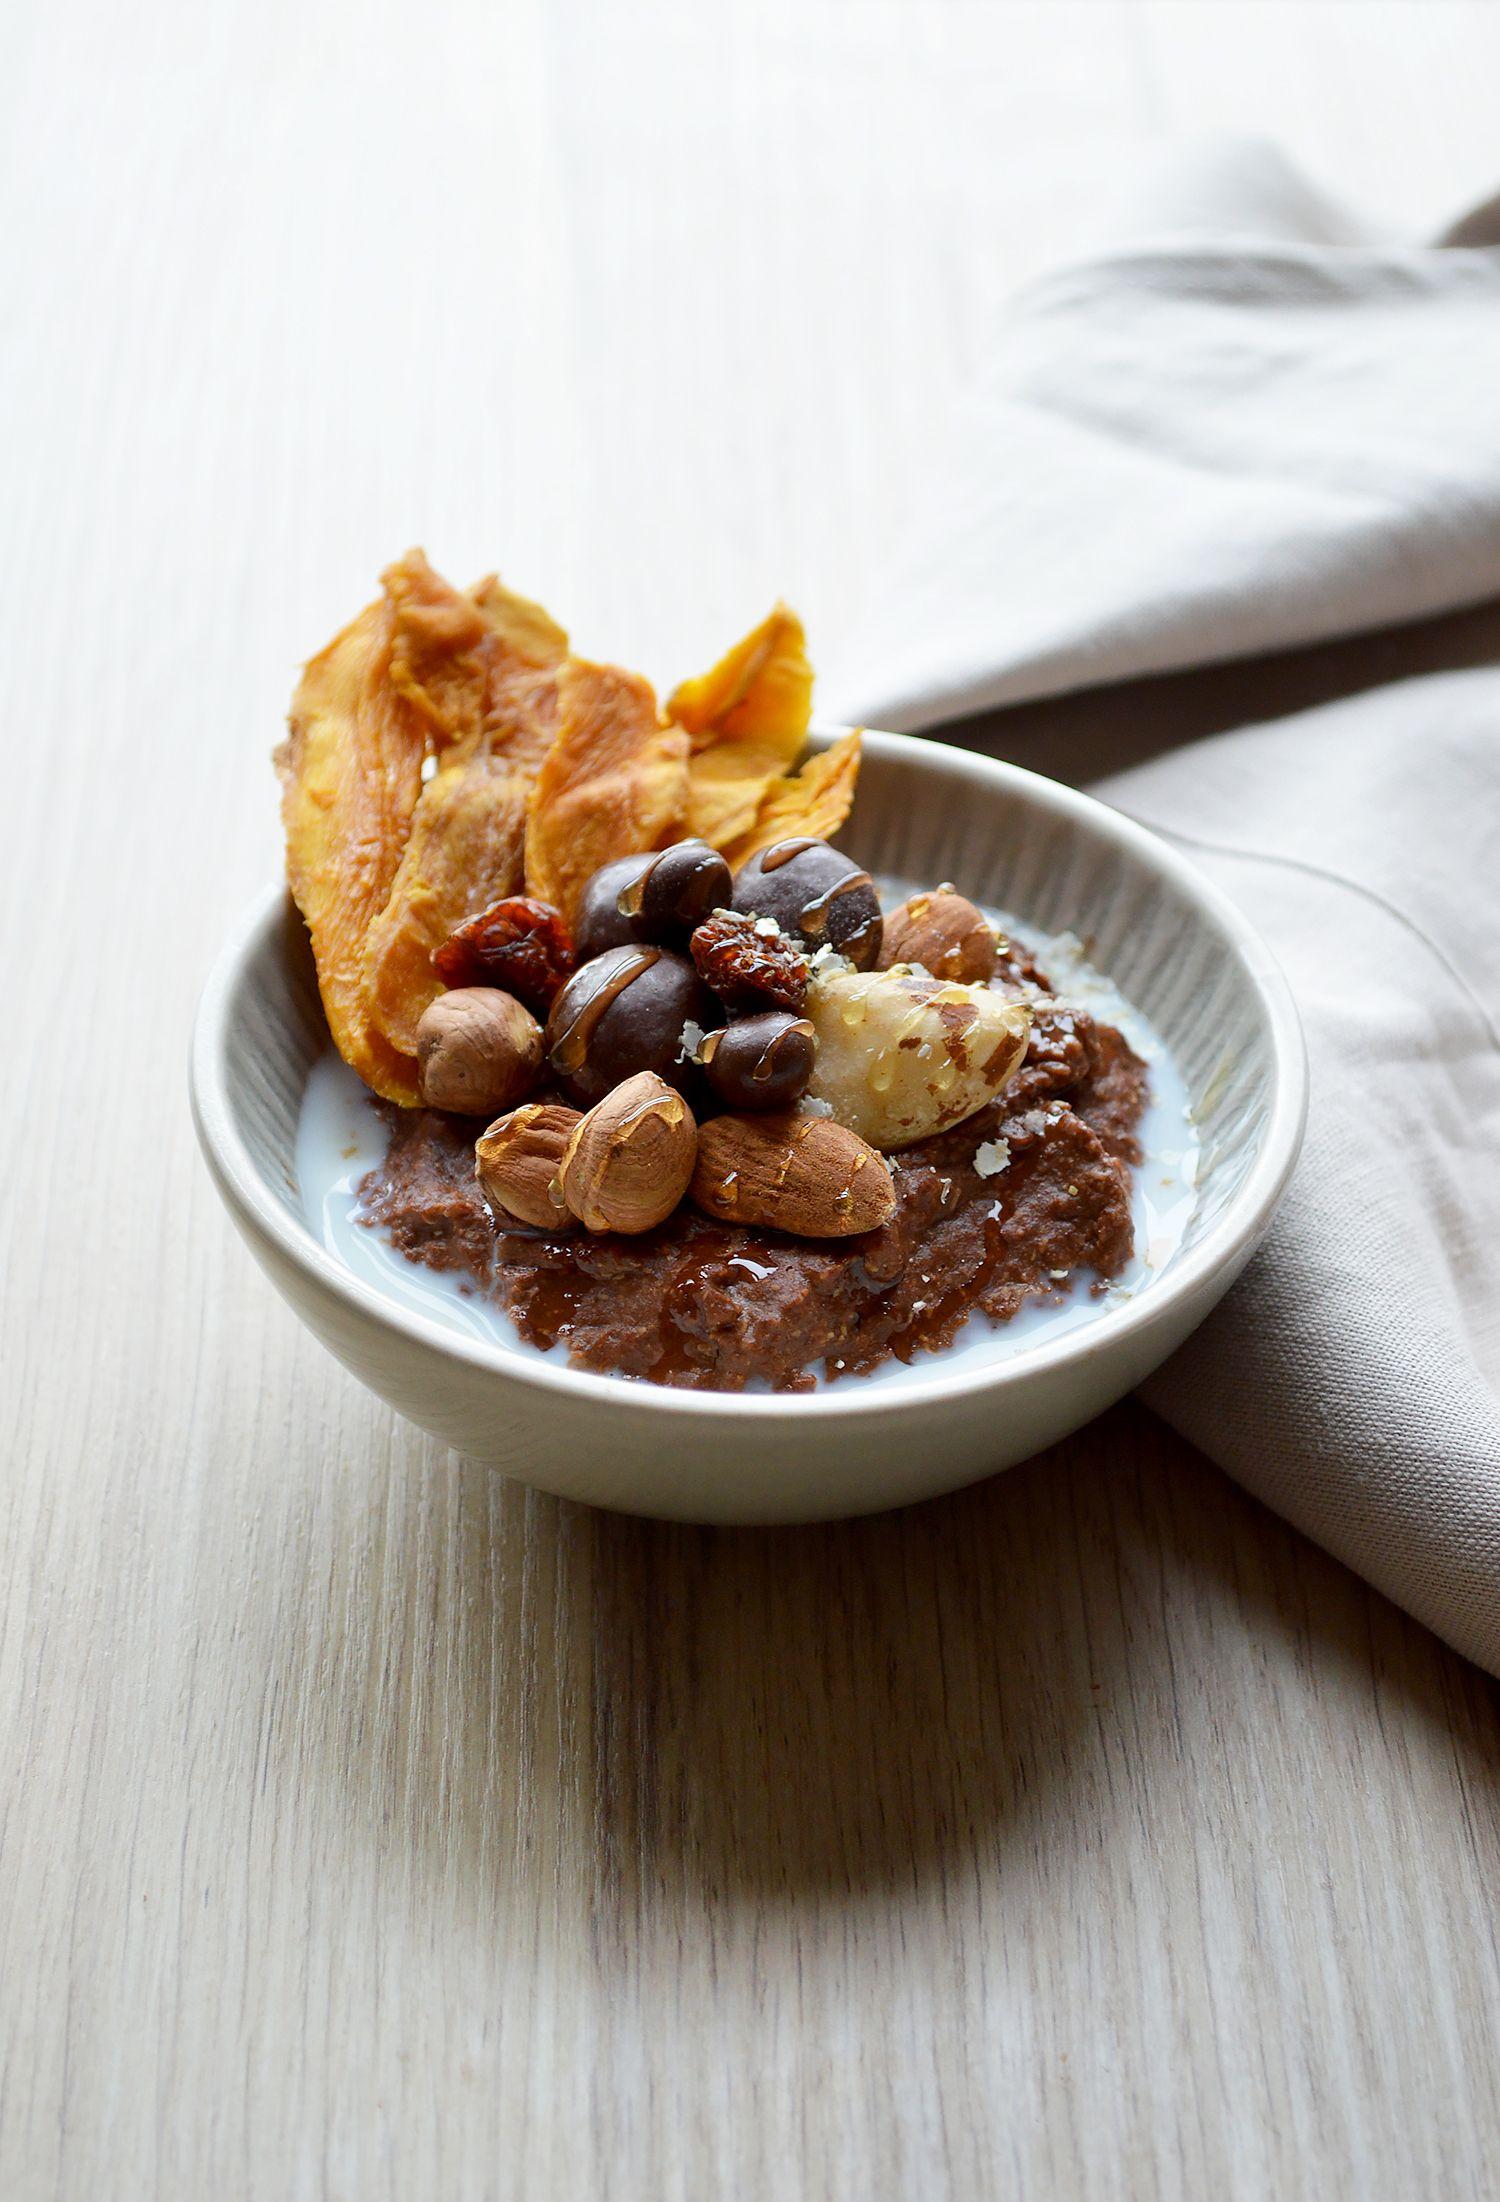 Ce matin, je vous fais découvrir mon nouveau bowl sans gluten aux flocons de quinoa et cacao, le tout avec une texture ultra fondante!! Tout ça grâce aux produits de chez Typica Bio, dont ce cacao du Pérou qui est une pure merveille. Pour obtenir la texture bien crémeuse du fudge, j'y ai aussi ajouté...